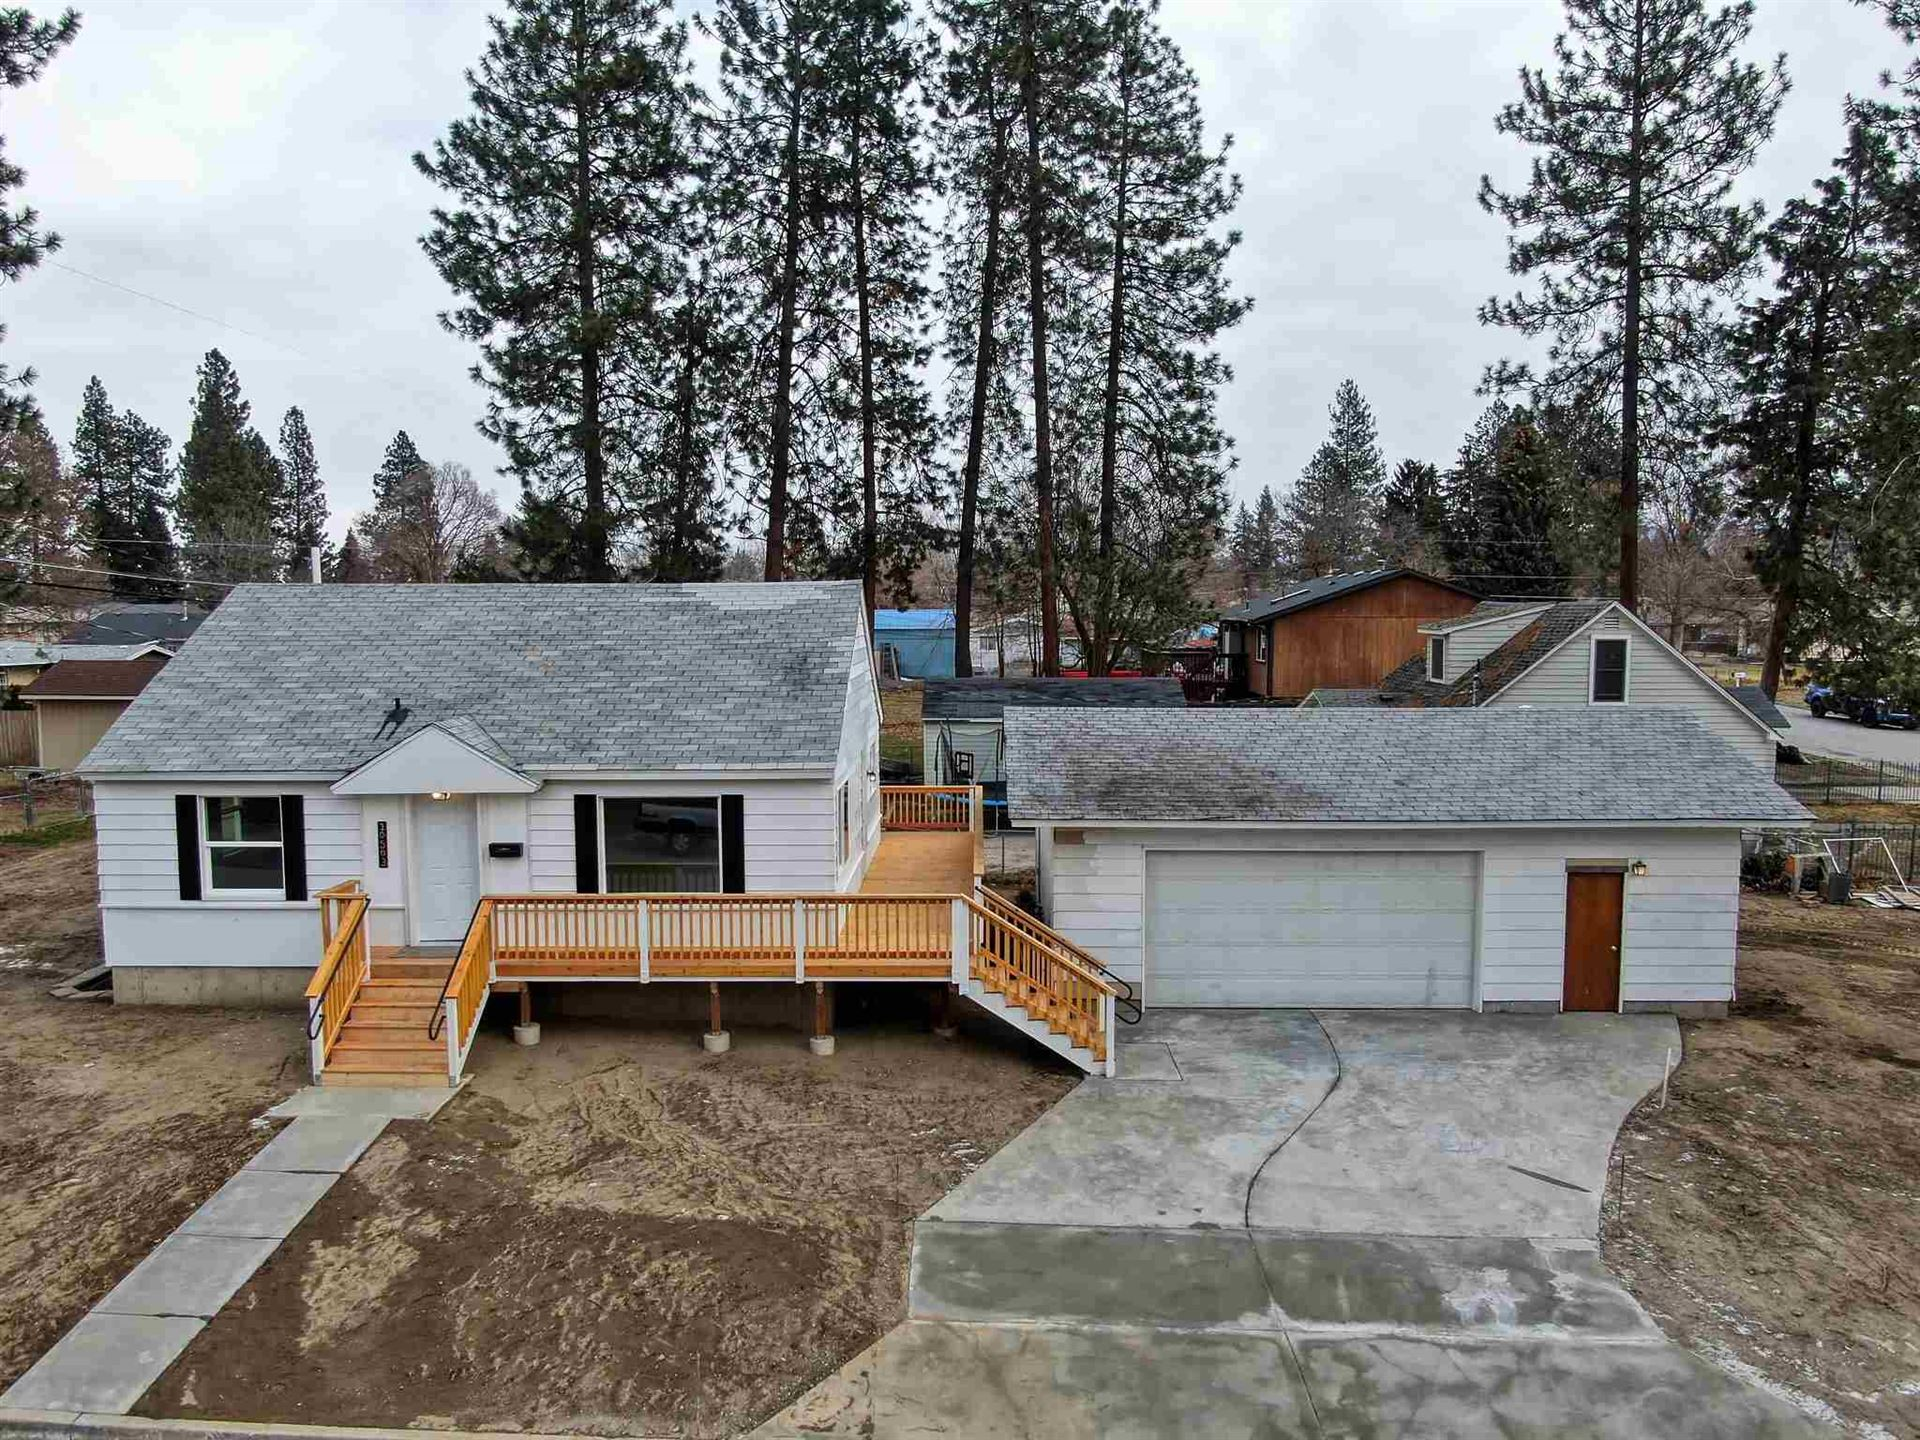 10503 E 14th Ave, Spokane Valley, WA 99206 - #: 202111484